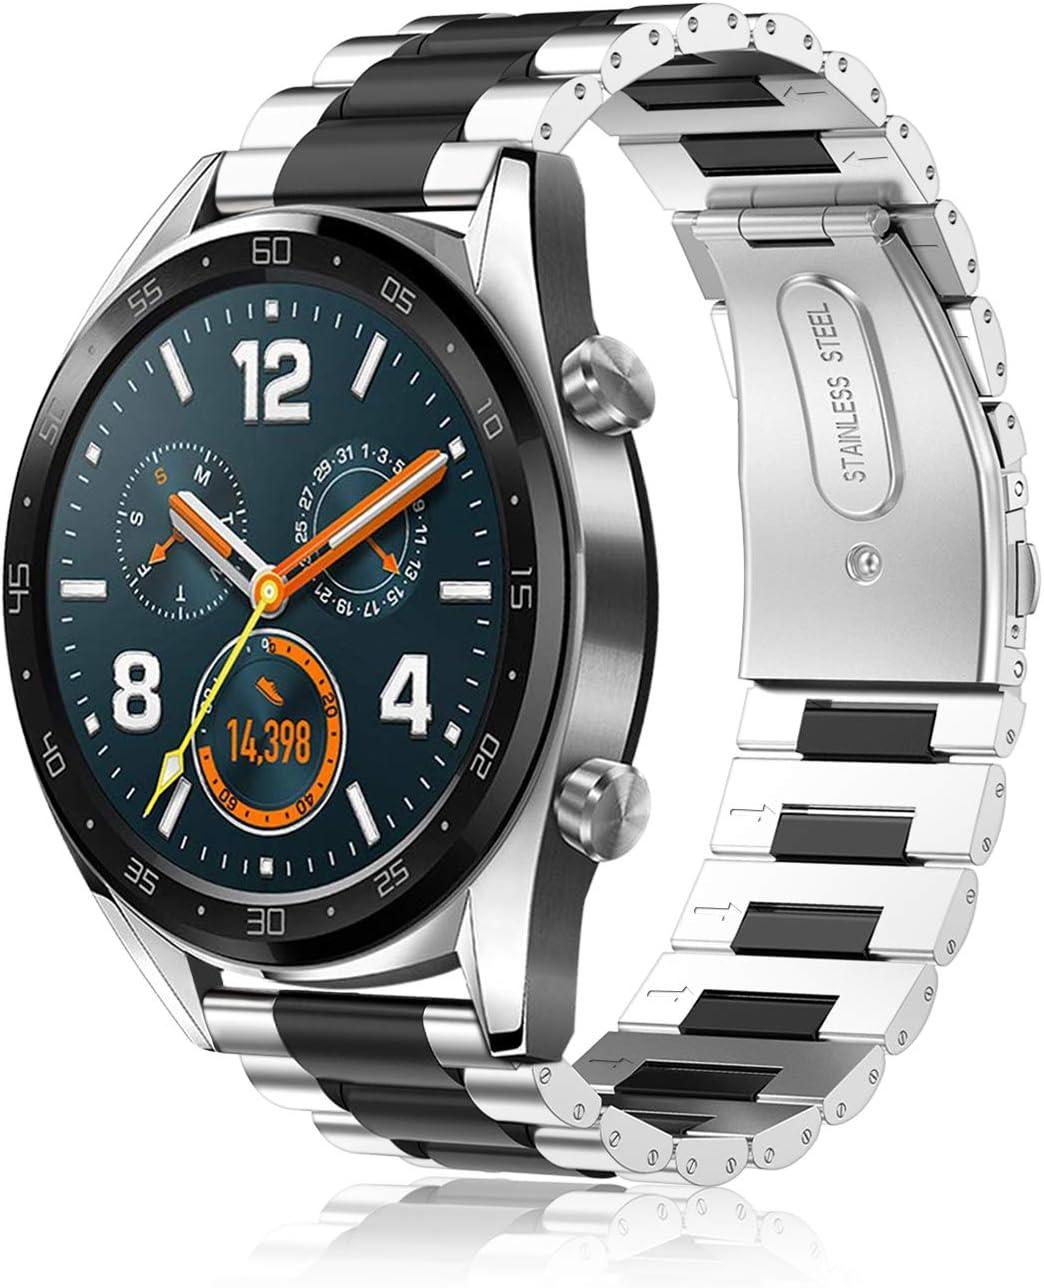 Fintie Correa Compatible con Huawei Watch GT 2 / Huawei Watch GT 46mm Sport/Classic/Active/Elite - Pulsera de Repuesto de Acero Inoxidable Banda Ajustable de Metal